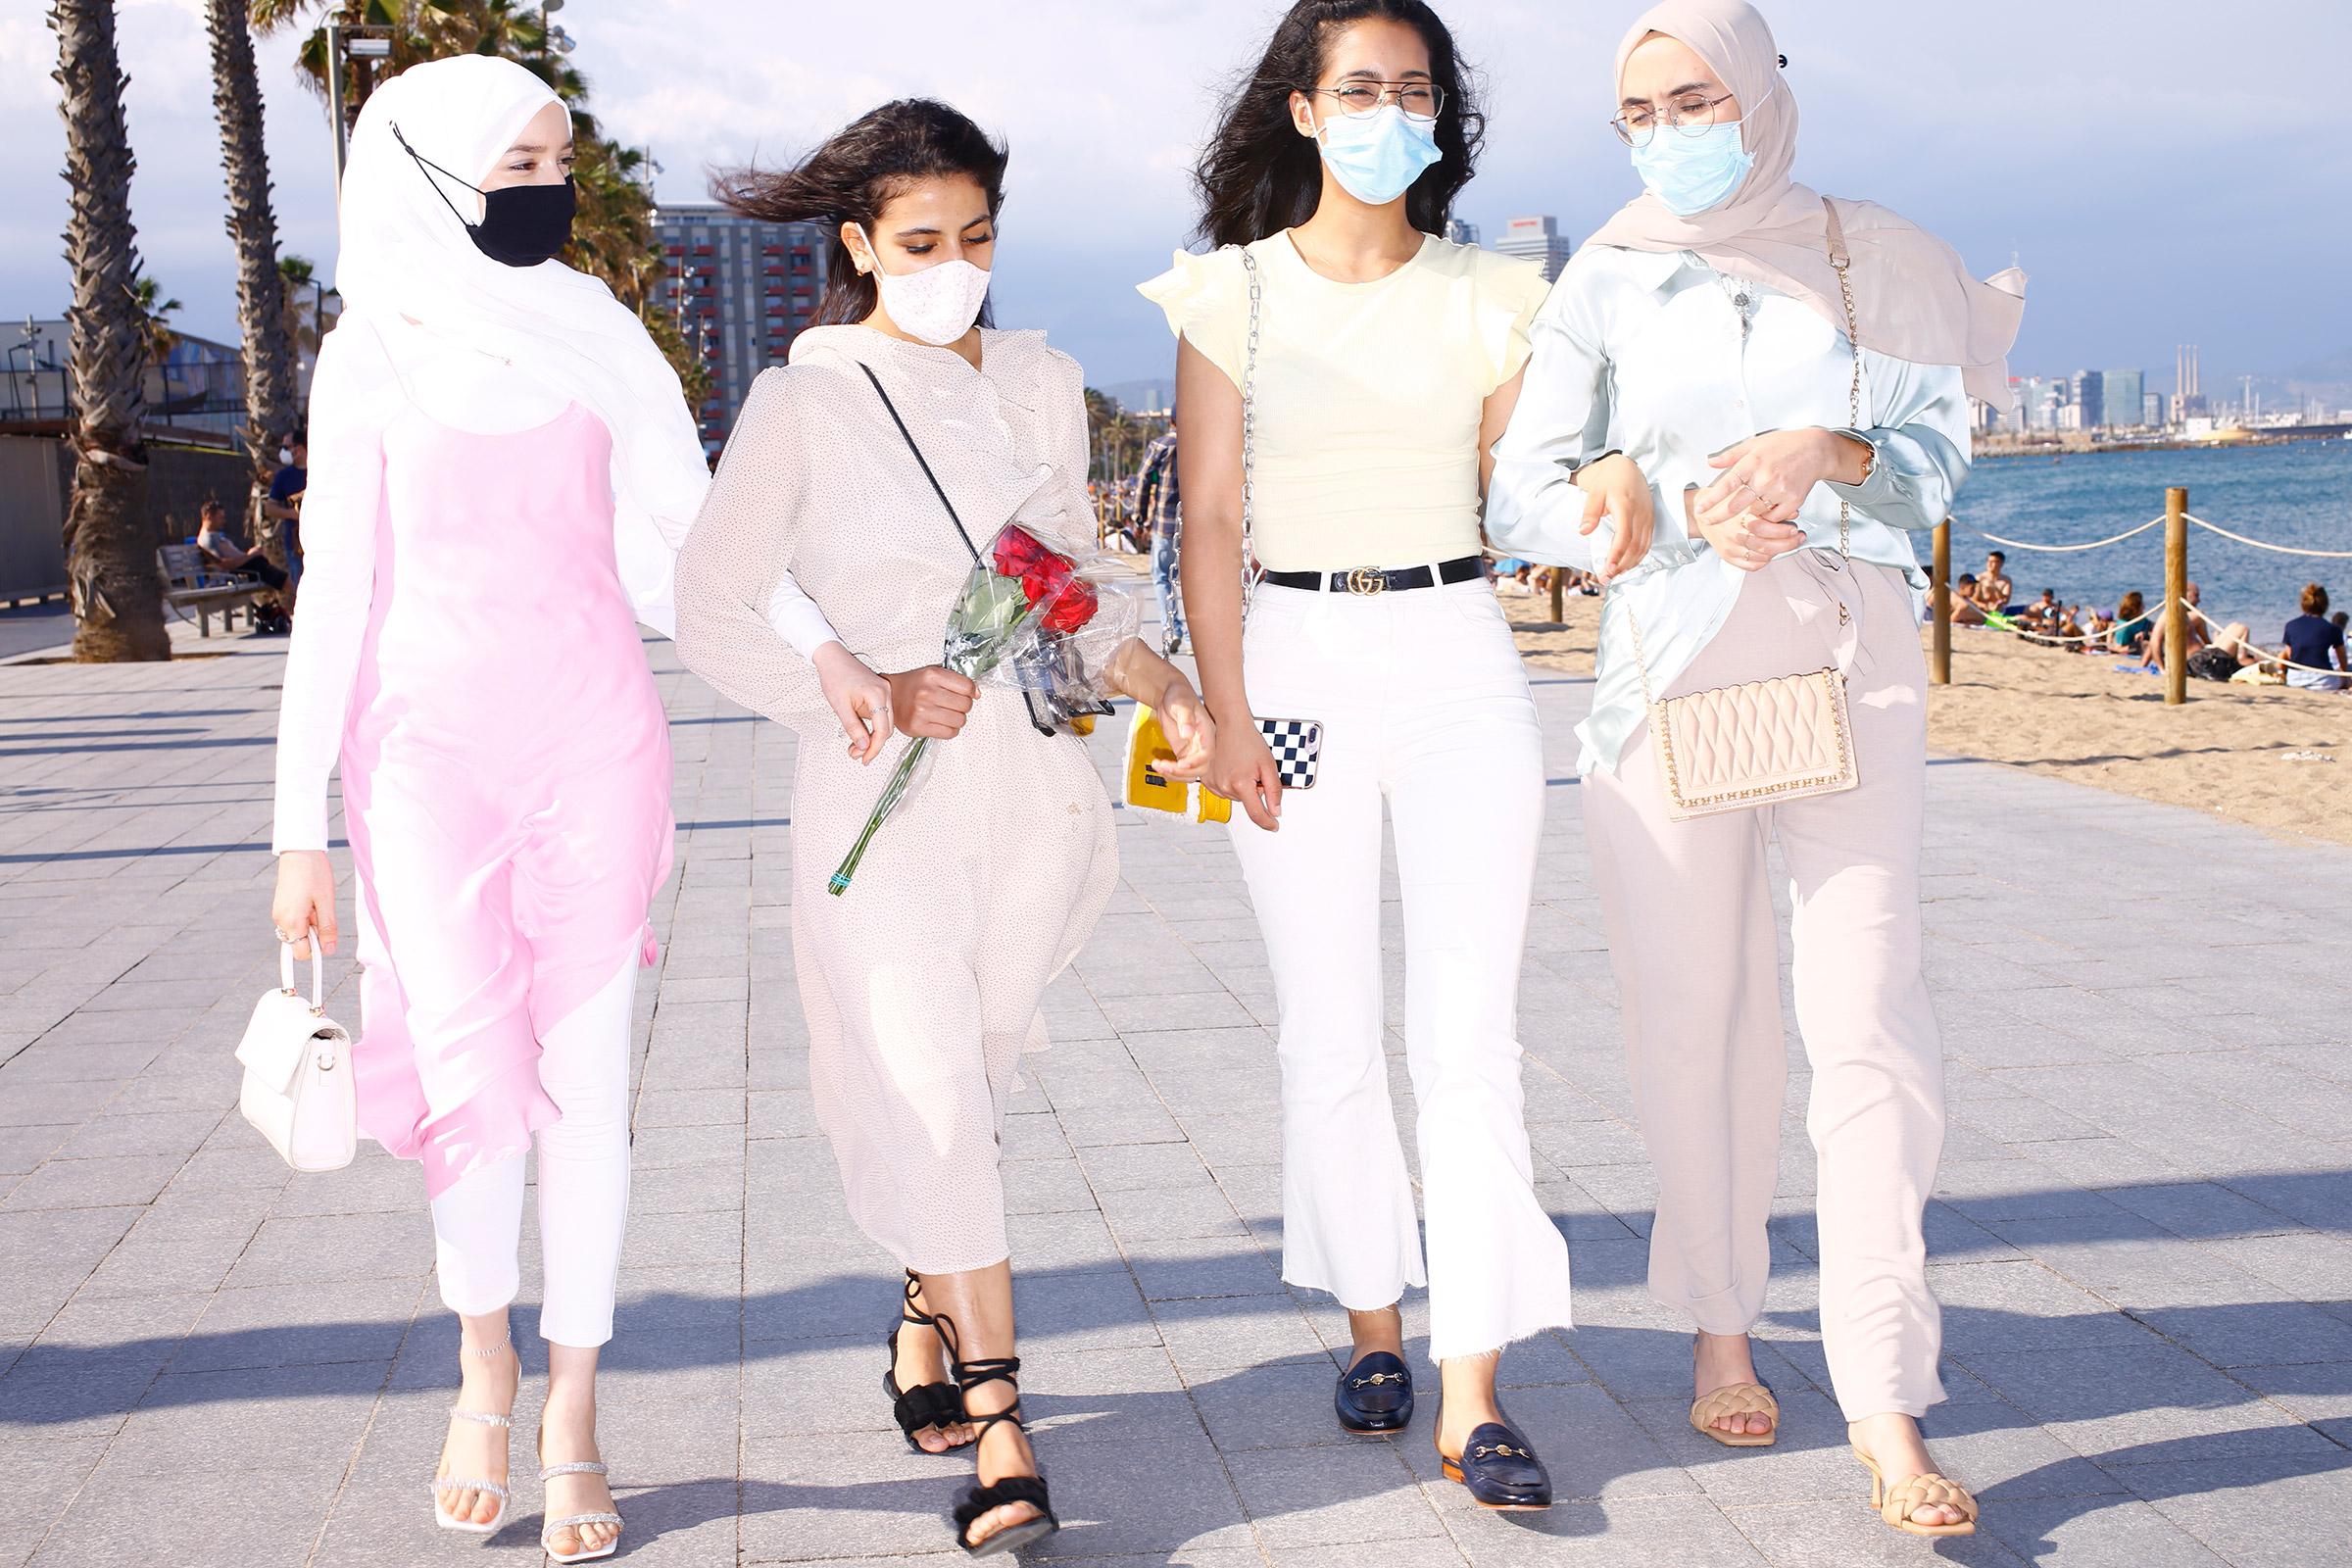 Young women stroll along Barceloneta Beach on June 6.